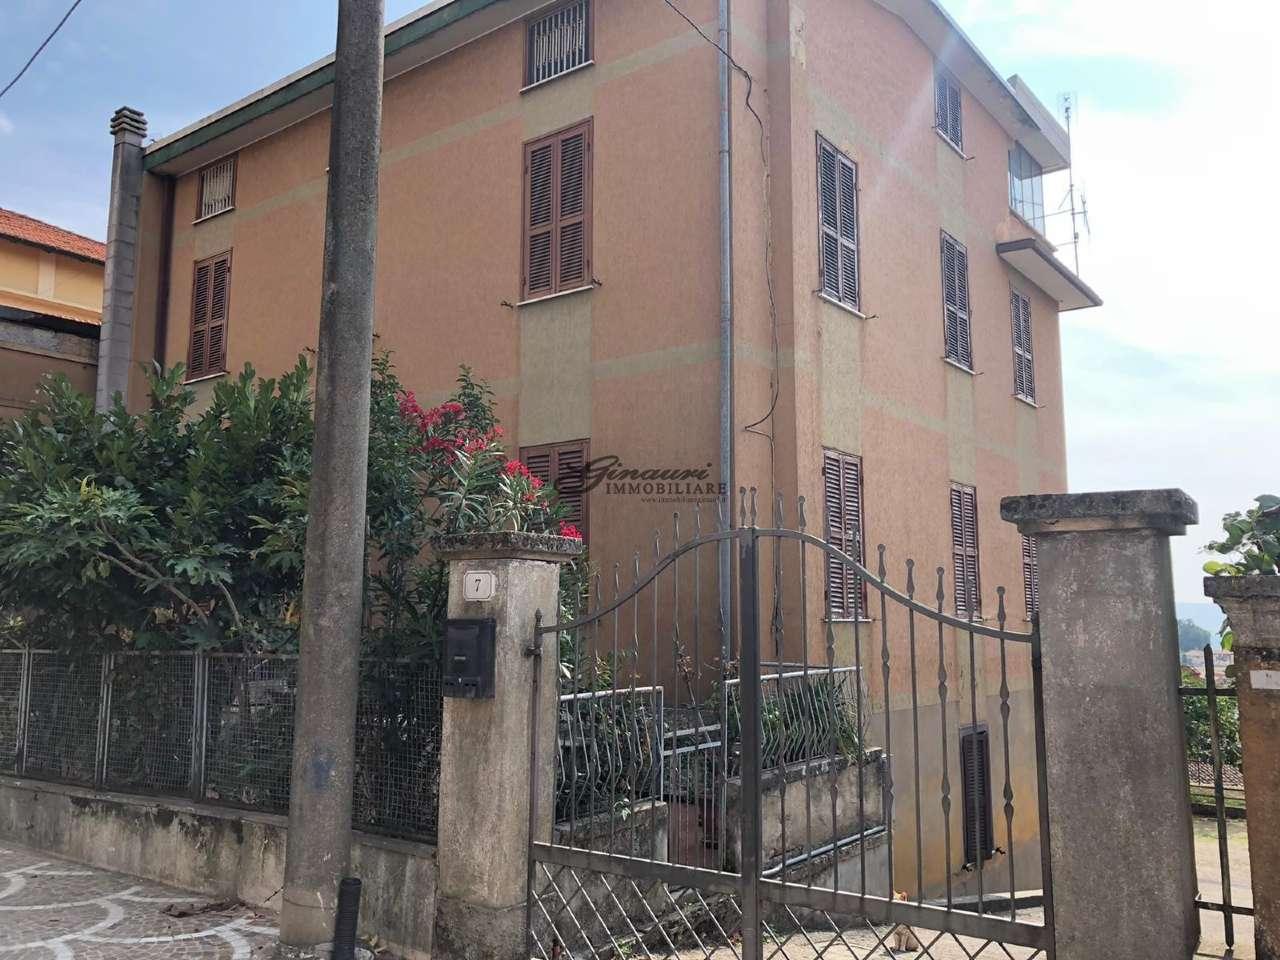 Palazzo / Stabile in vendita a Fiuggi, 10 locali, prezzo € 139.000 | CambioCasa.it